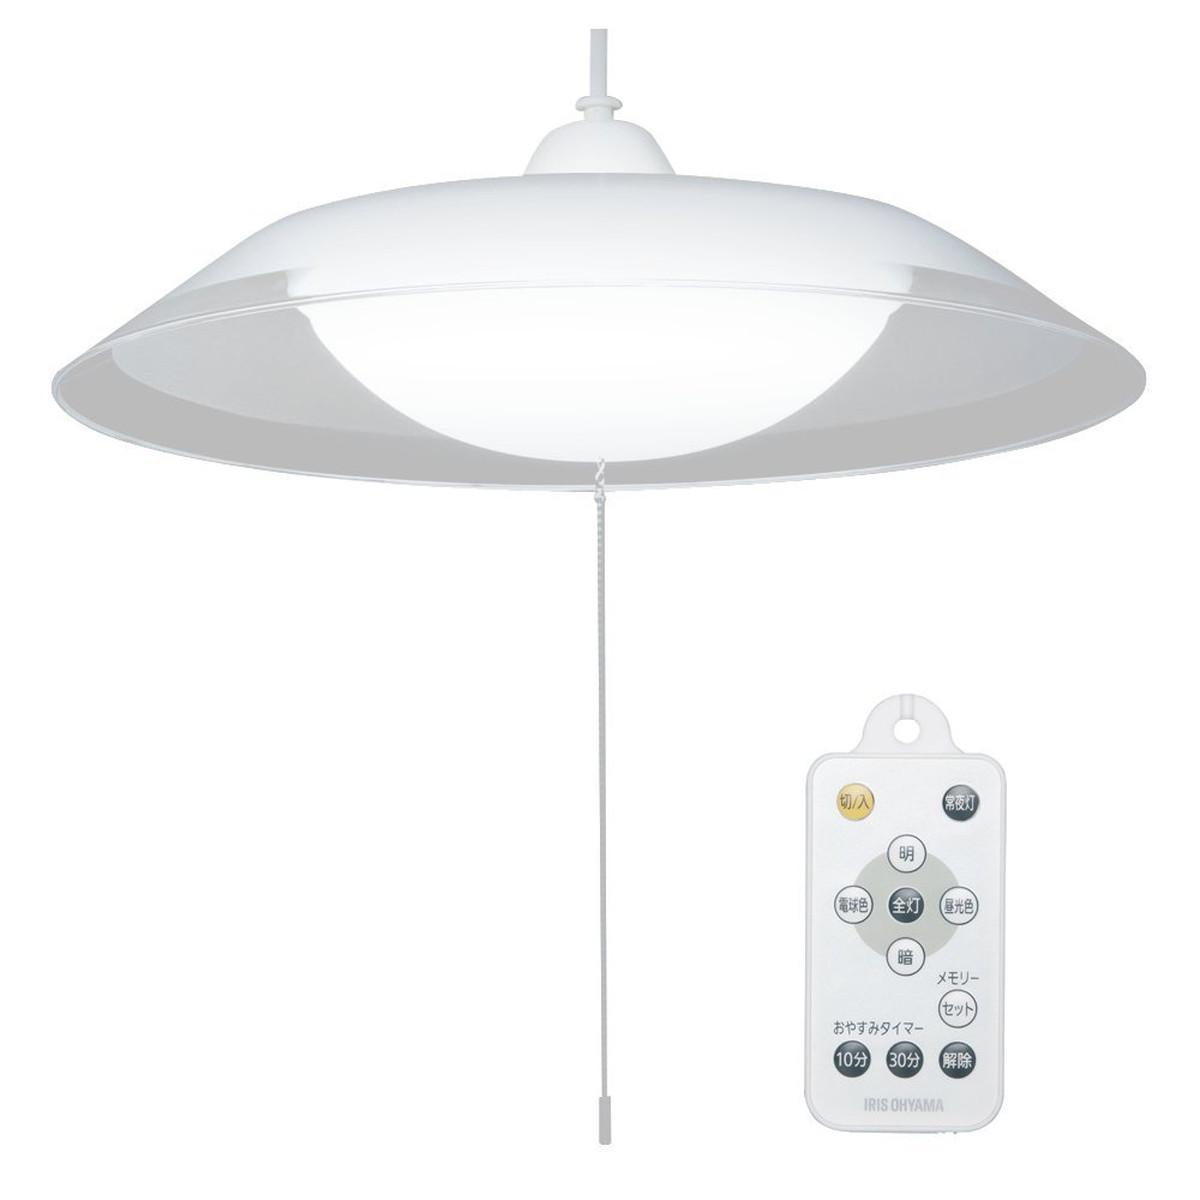 【在庫限り】アイリスオーヤマ LED ペンダントライト シーリング 調光 調色 洋風 PLC8DL-P2